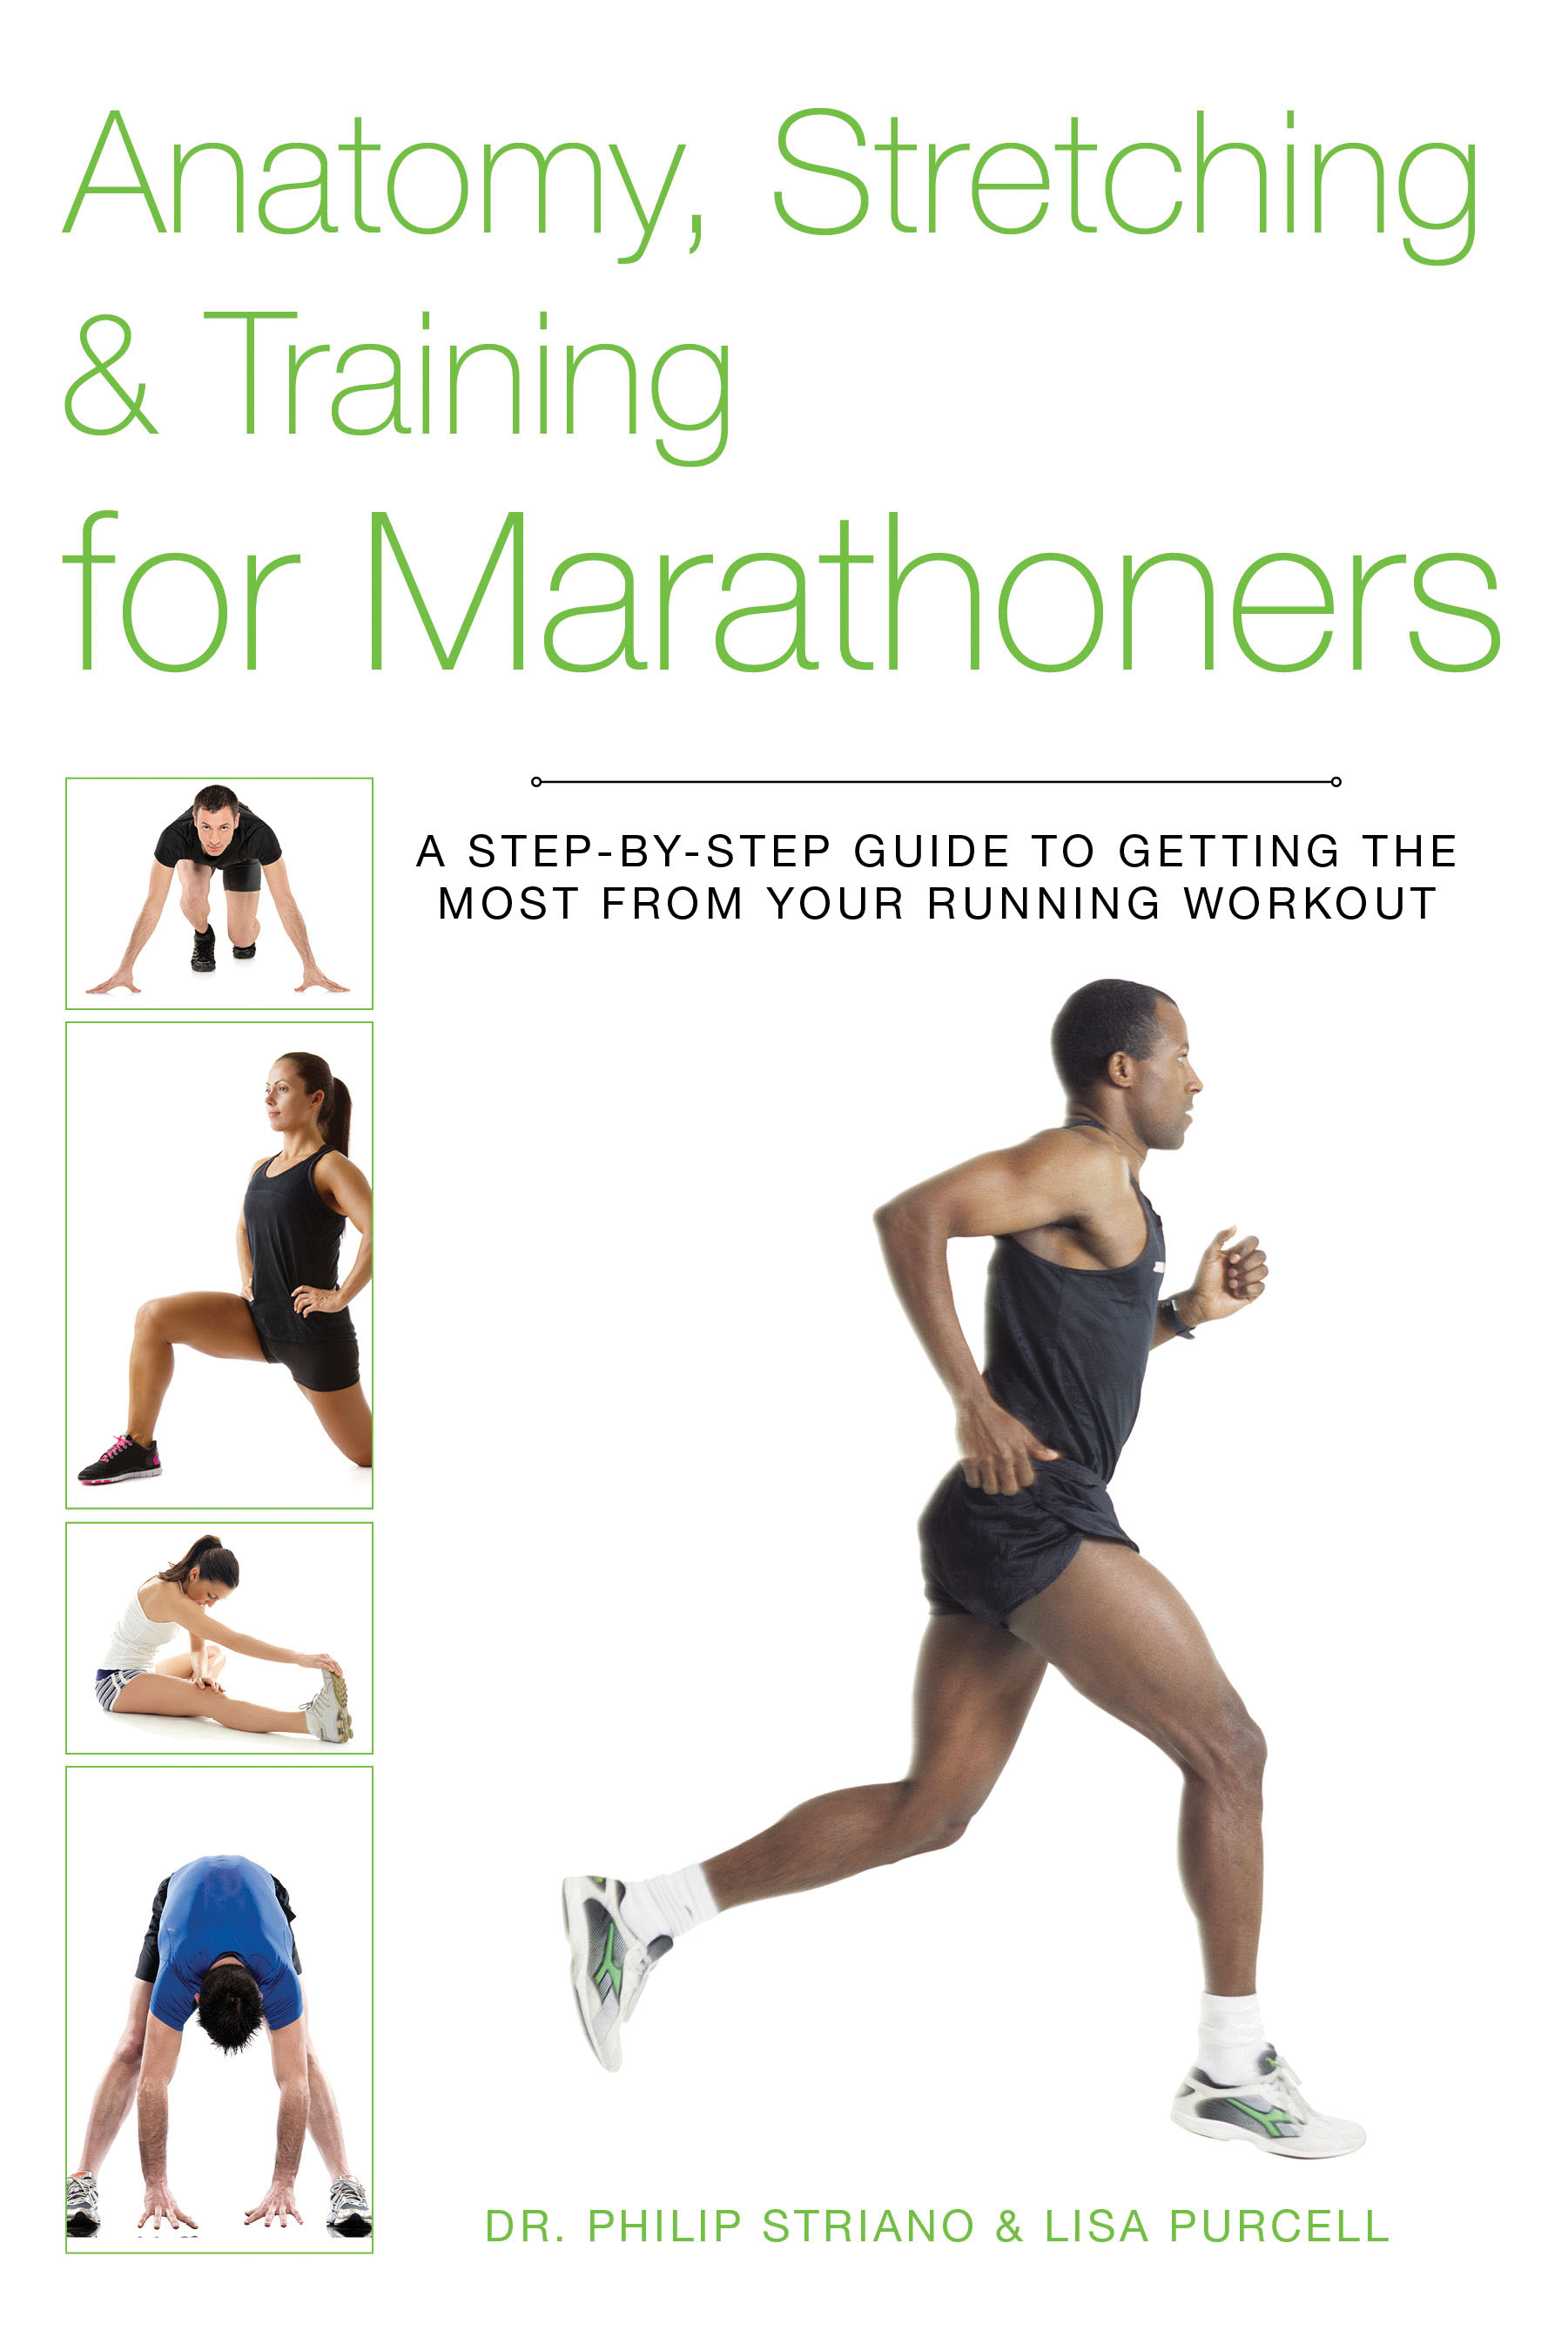 Anatomy, Stretching & Training for Marathoners | NewSouth Books